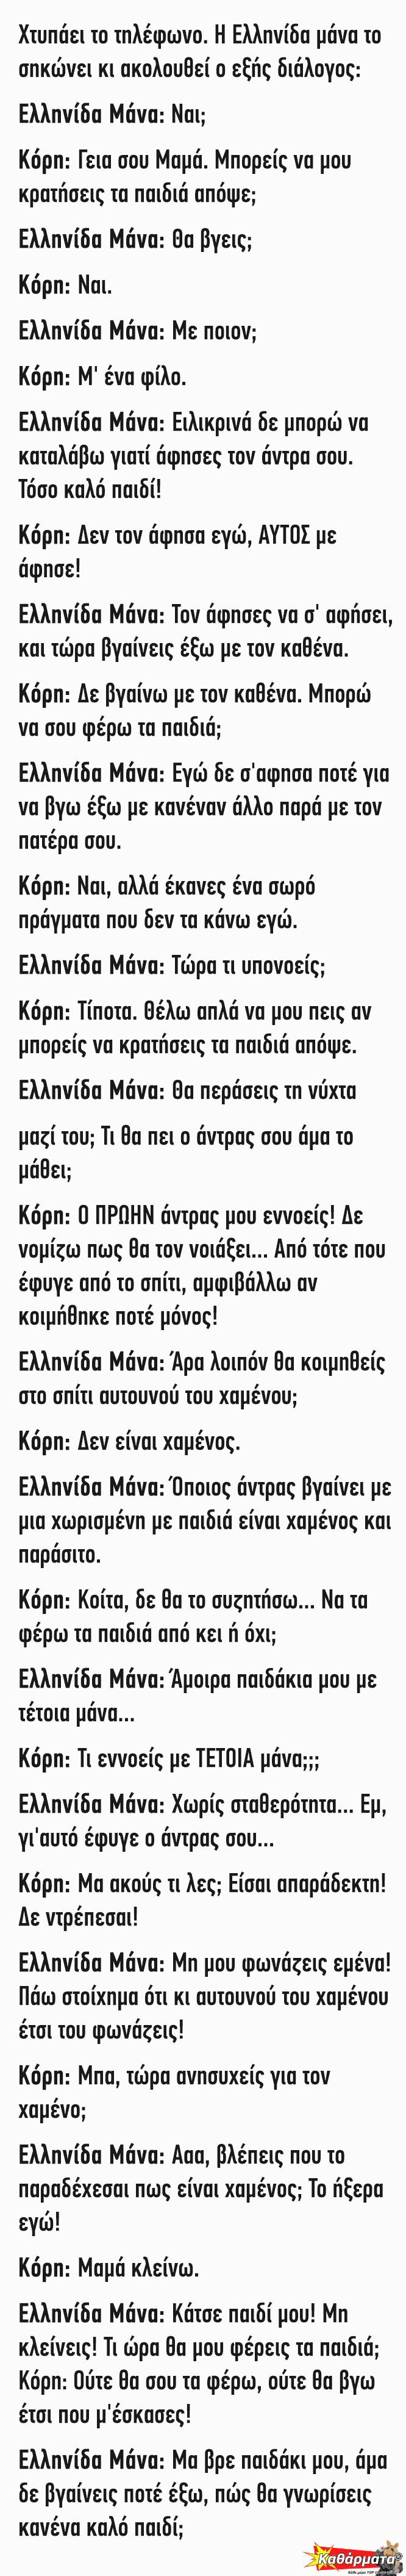 Ανέκδοτο : Χτυπάει το τηλέφωνο η Ελληνίδα μάνα το σηκώνει κι ακολουθεί ο εξής διάλογος